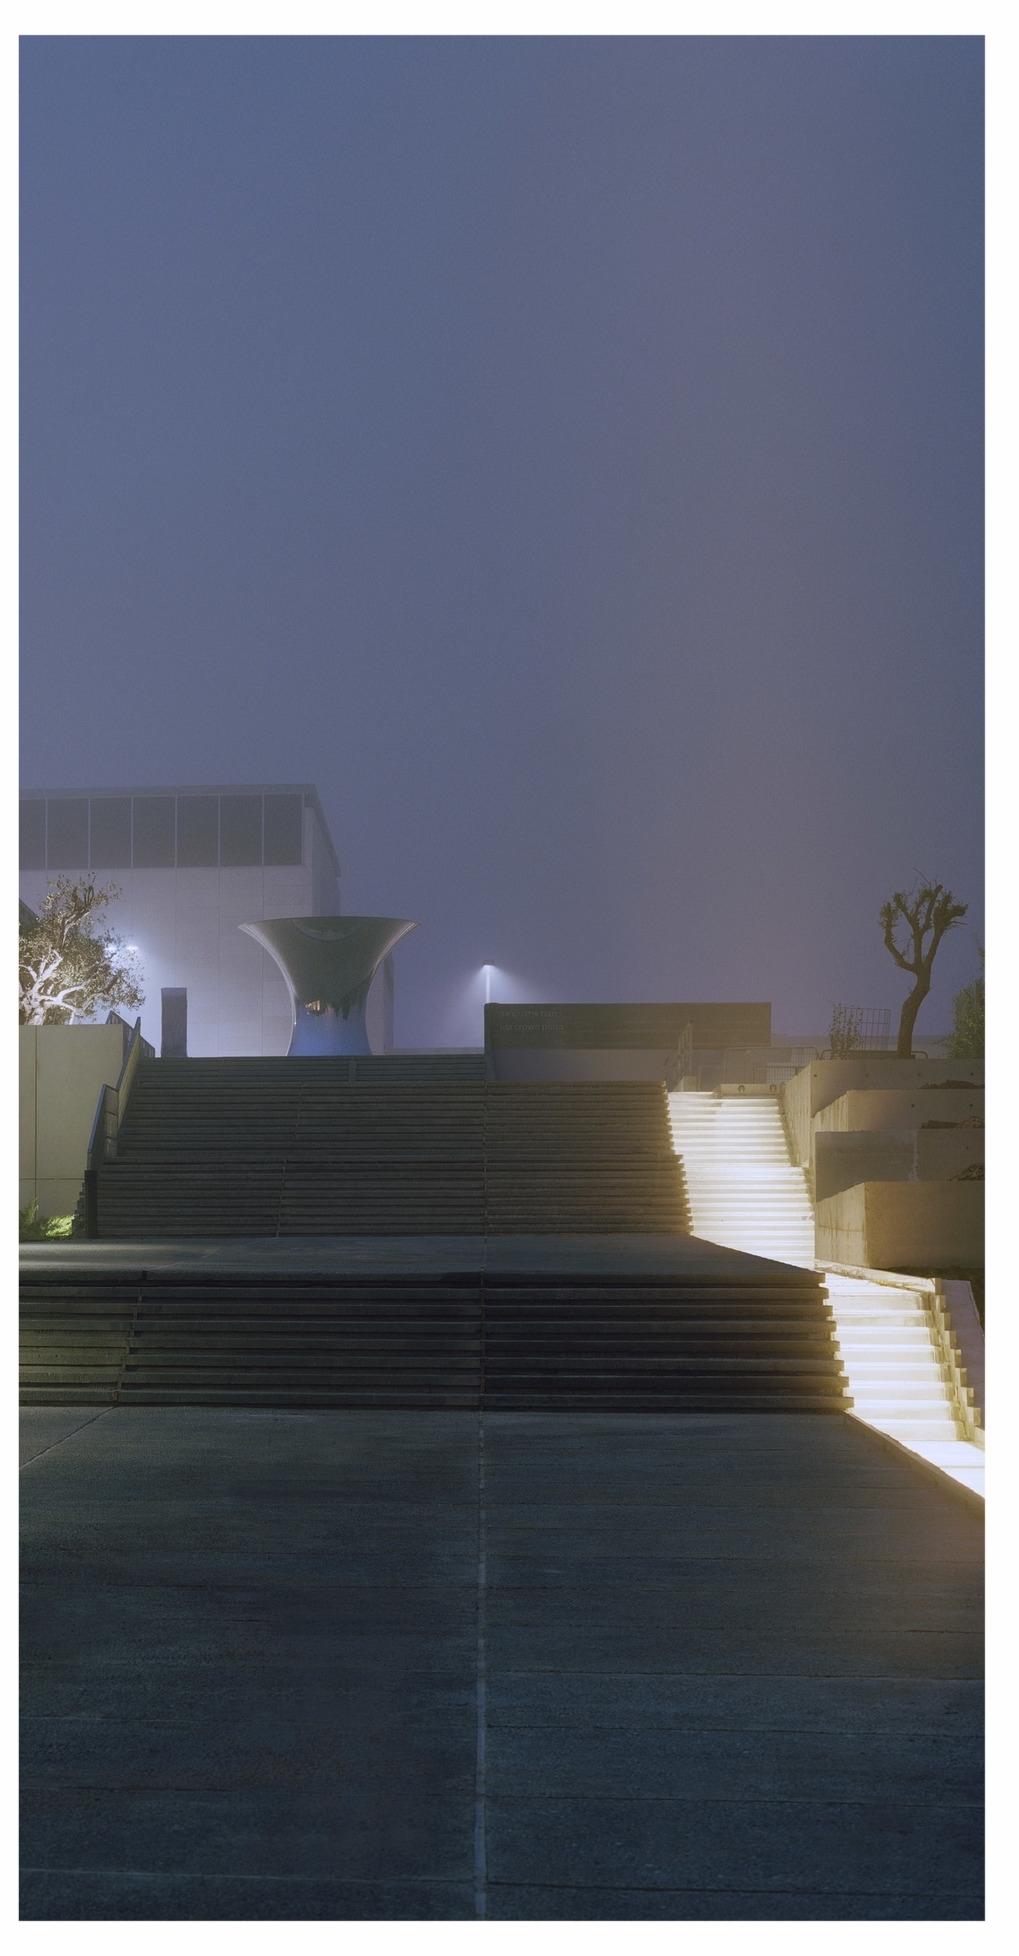 IsraelMuseum_05.jpg